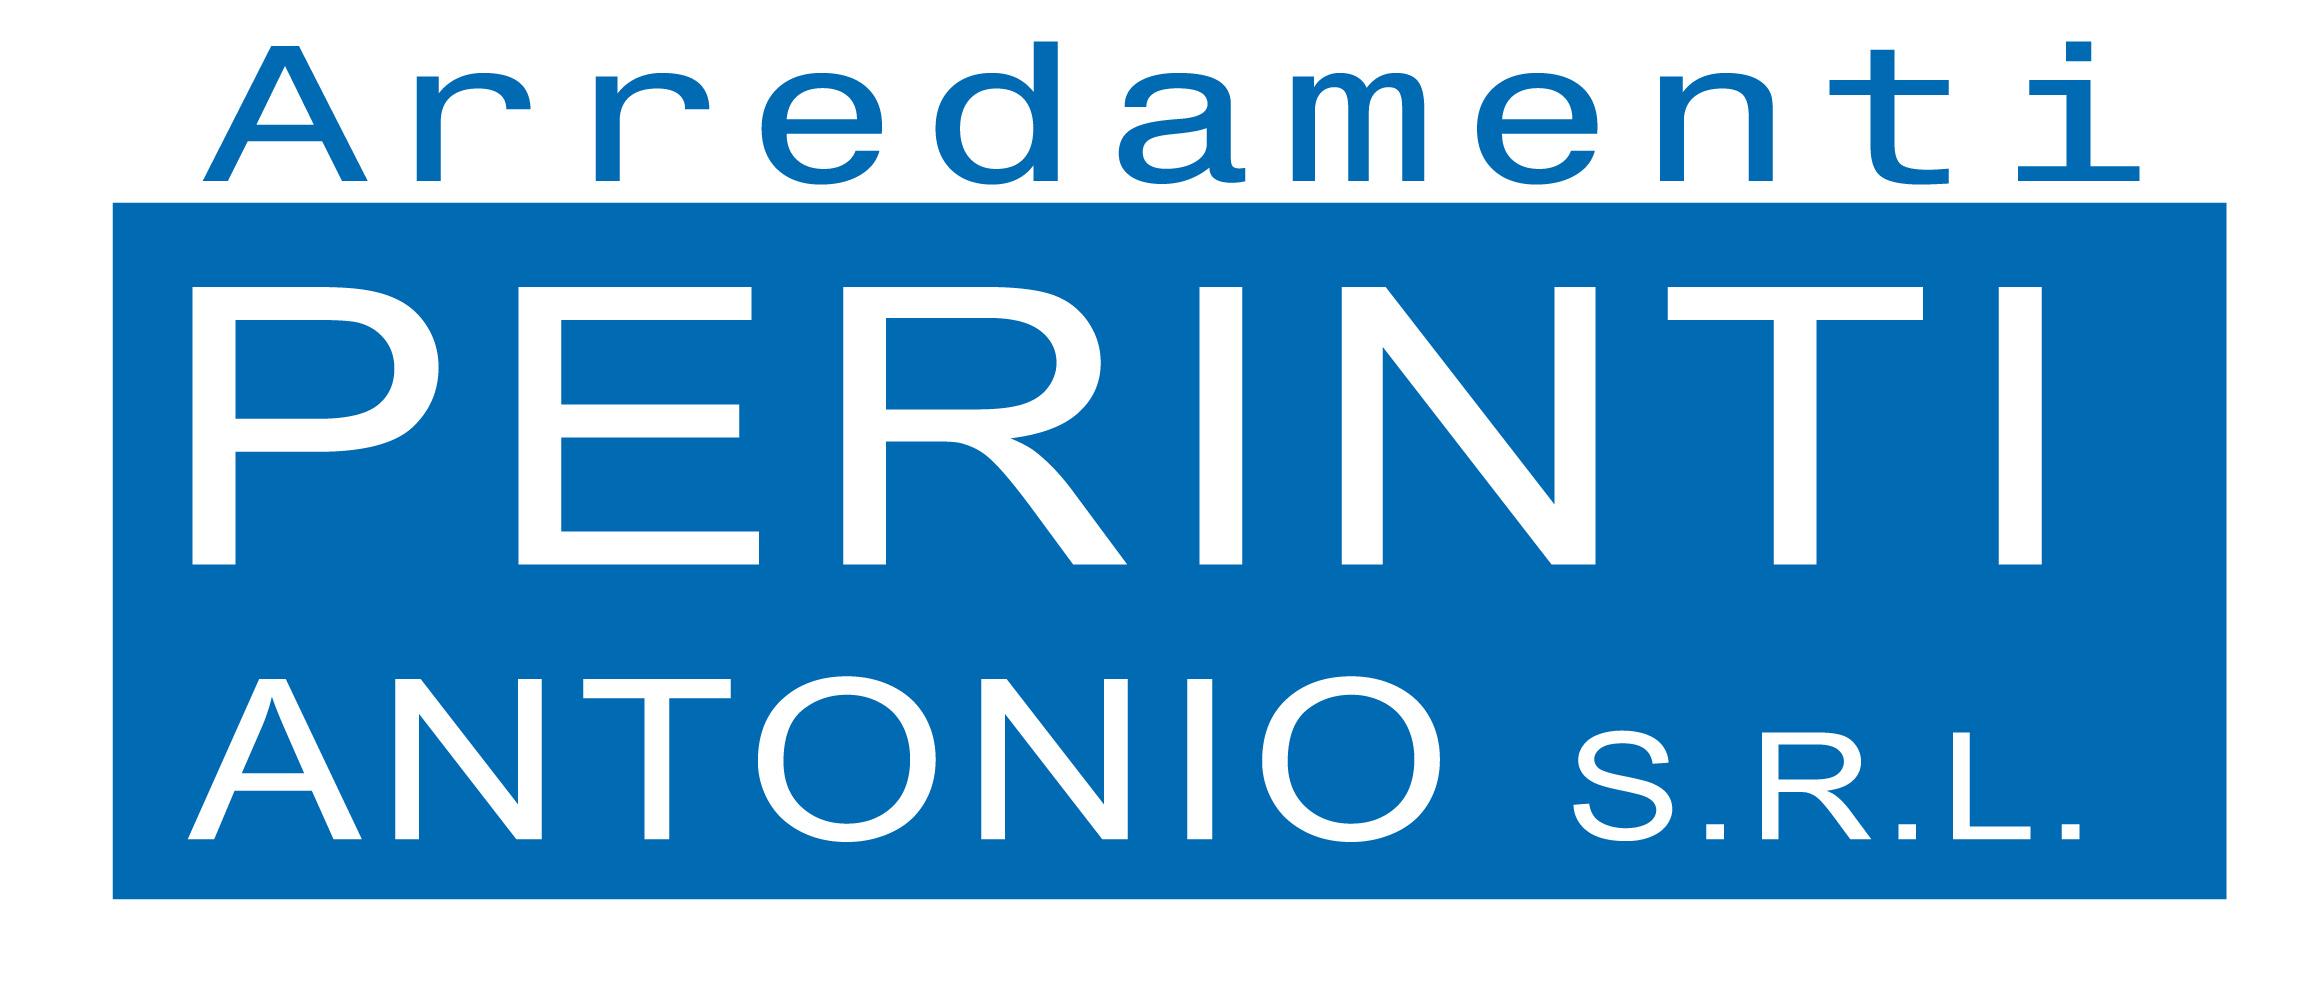 Arredamenti Vicenza E Provincia Arredamenti Perinti Antonio Srl